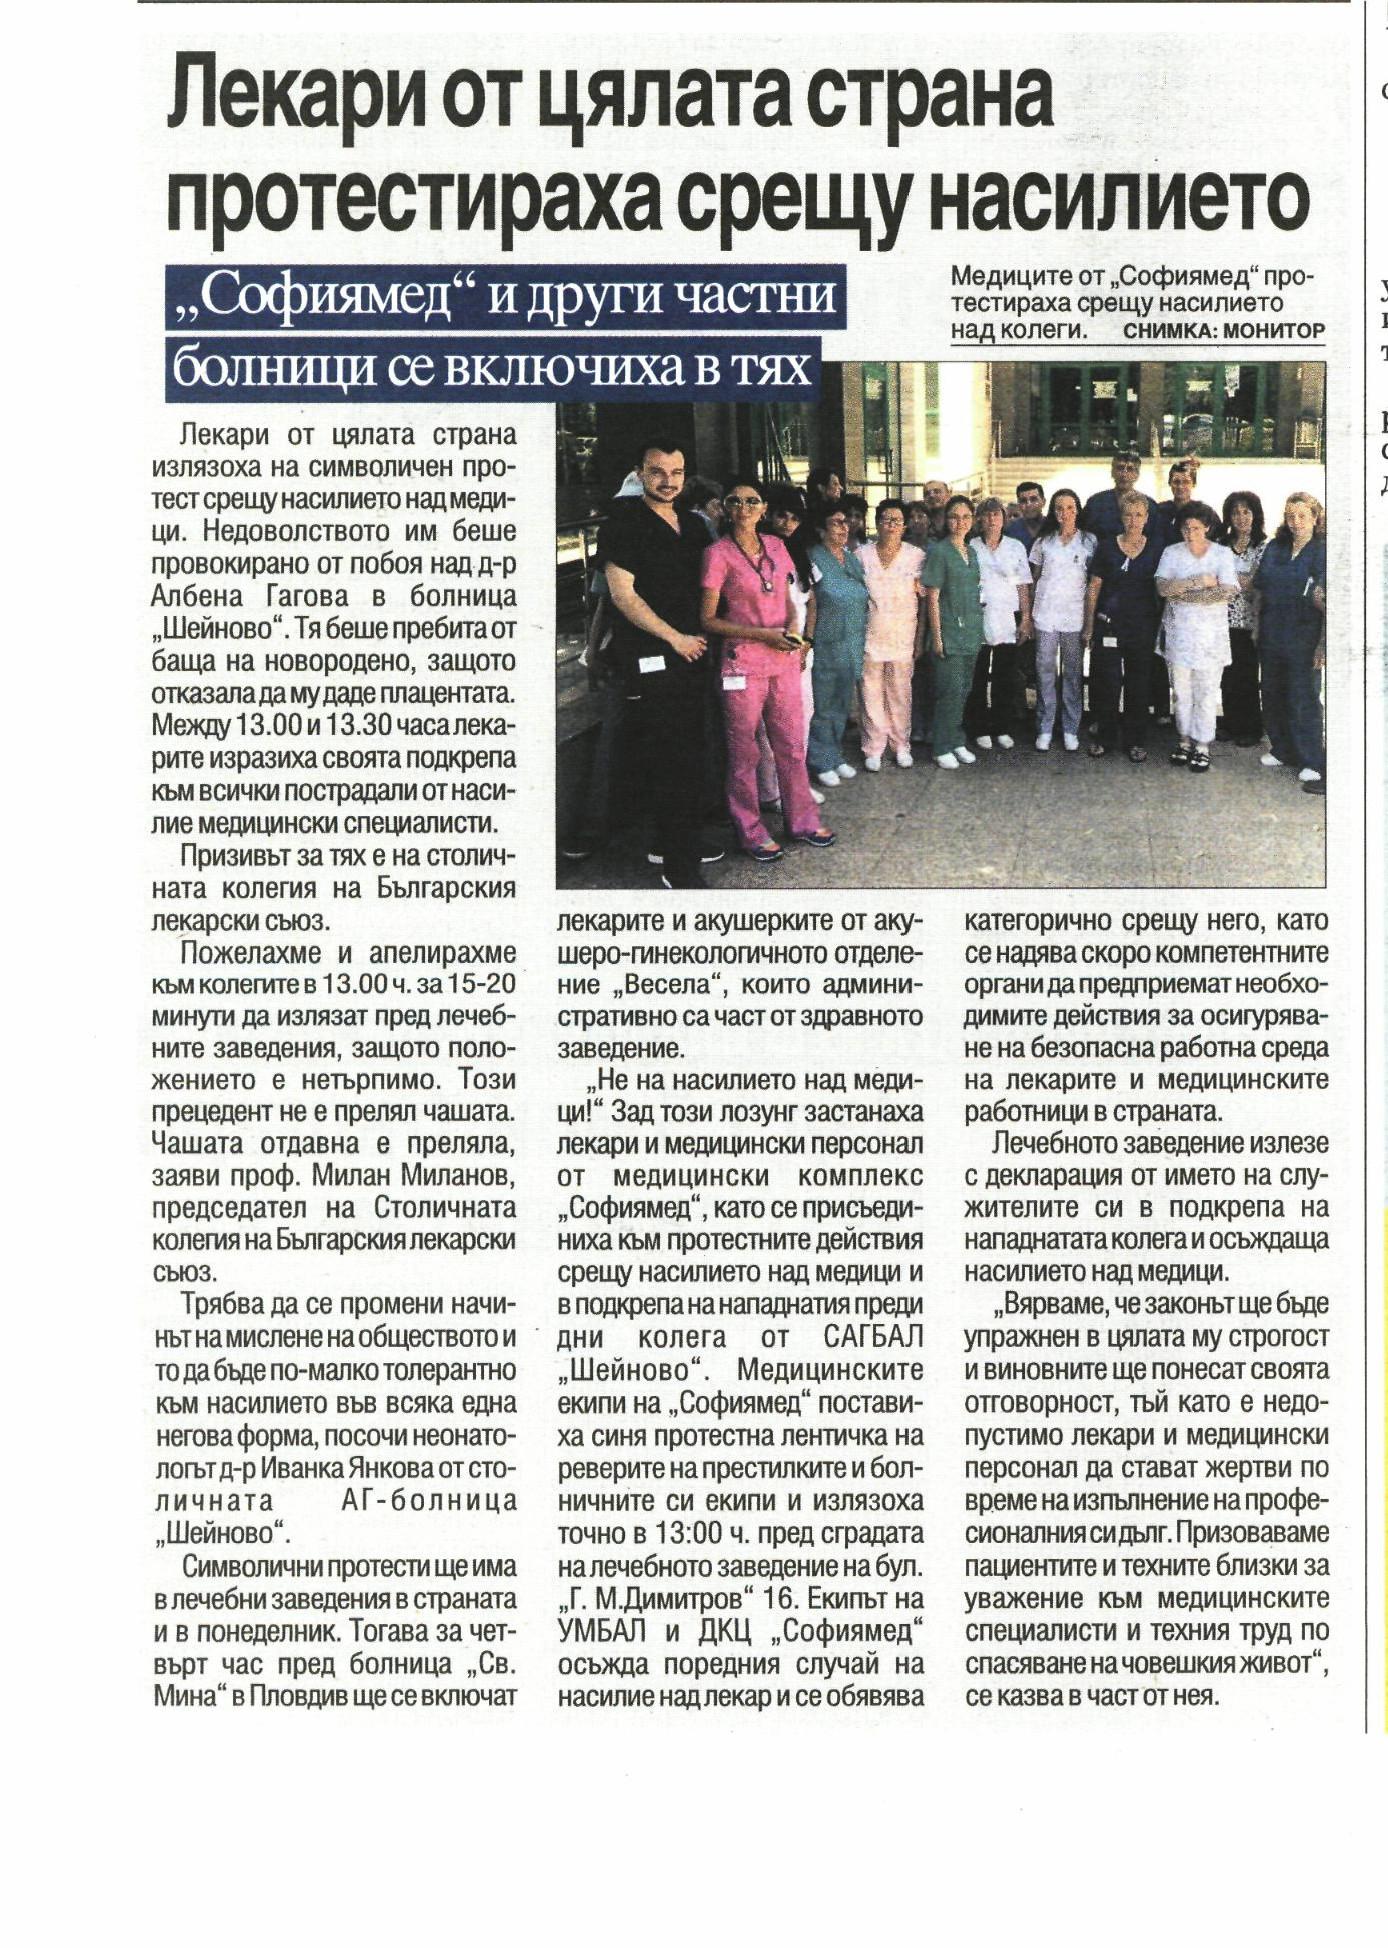 Лекари от цялата страна протестираха срещу насилието